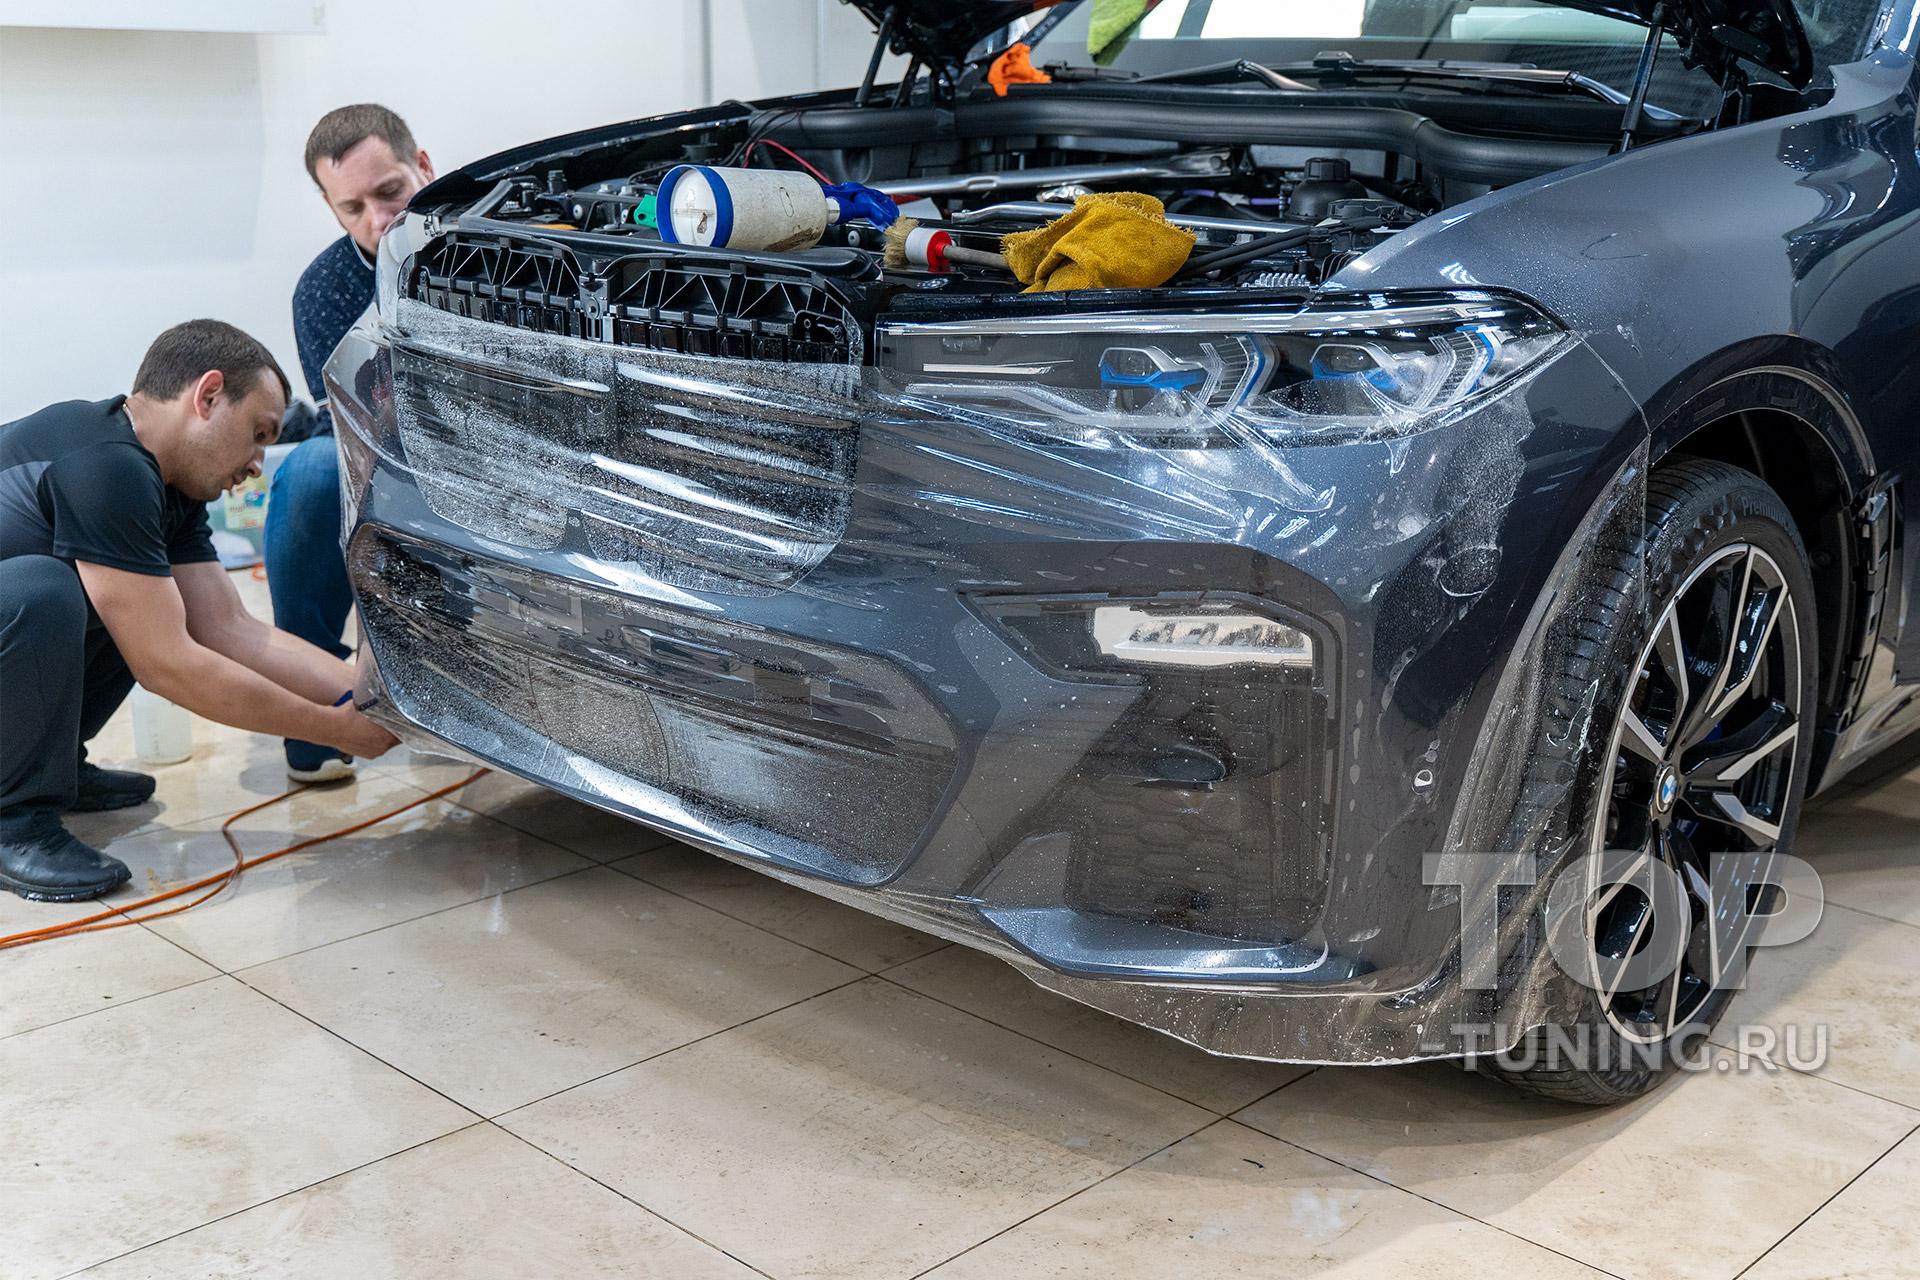 Полная защита кузова от повреждений. Антигравийный полиуретан с гарантией в Москве